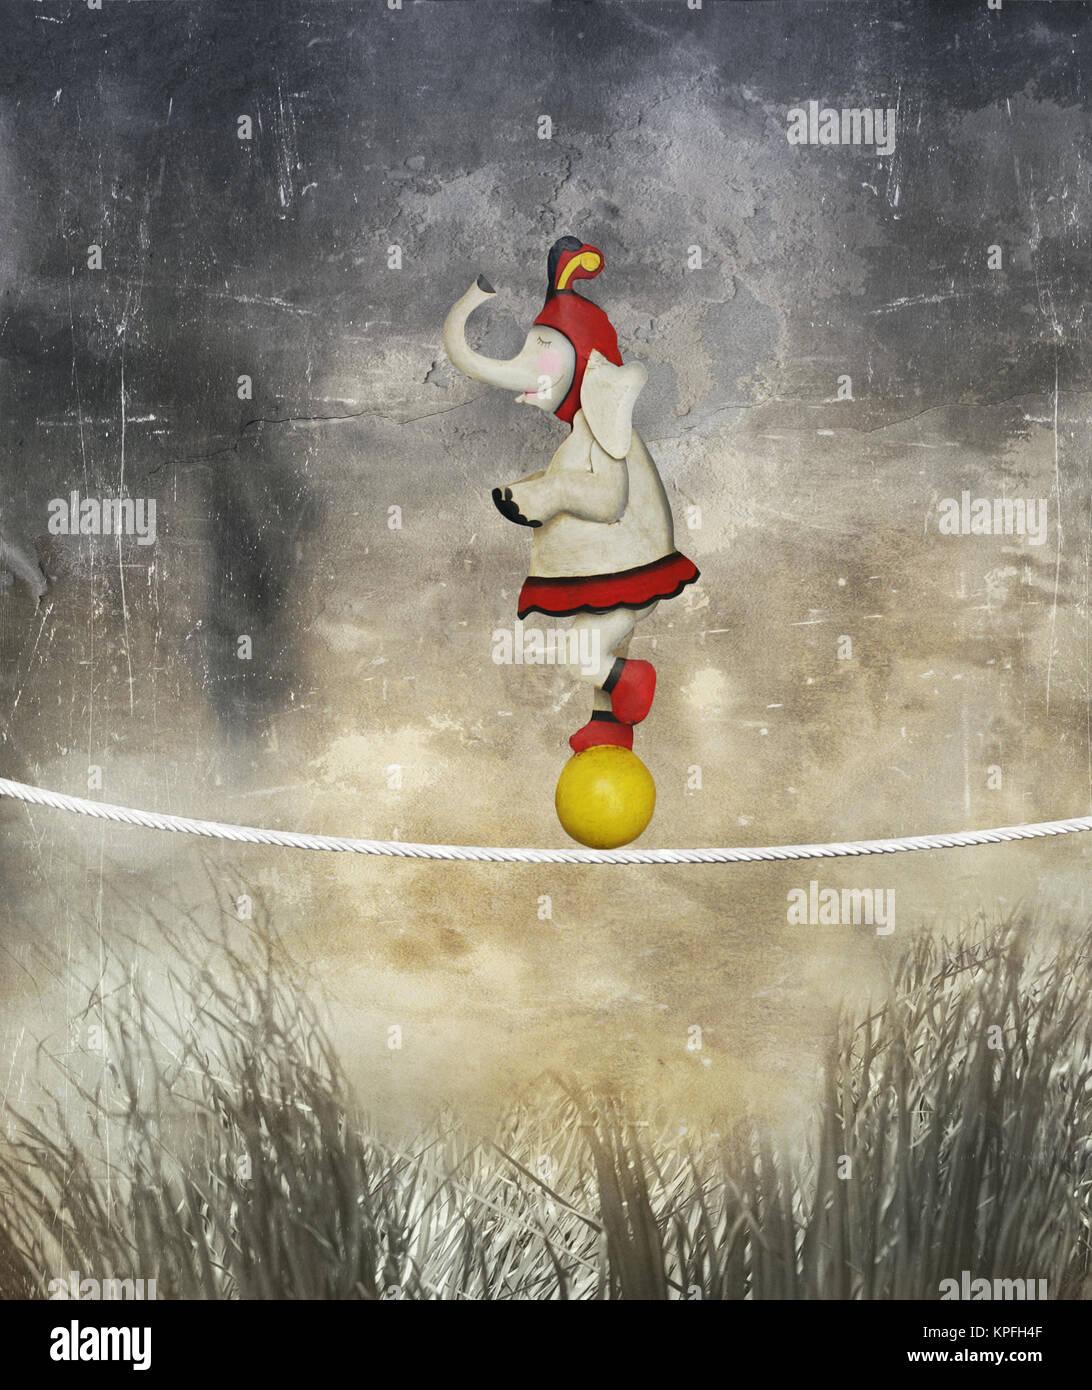 Illustrative lustig Elefantendame gekleidet Zirkus Balancieren auf einem Seil und Ball wie ein Acrobat in eine surreale Stockbild